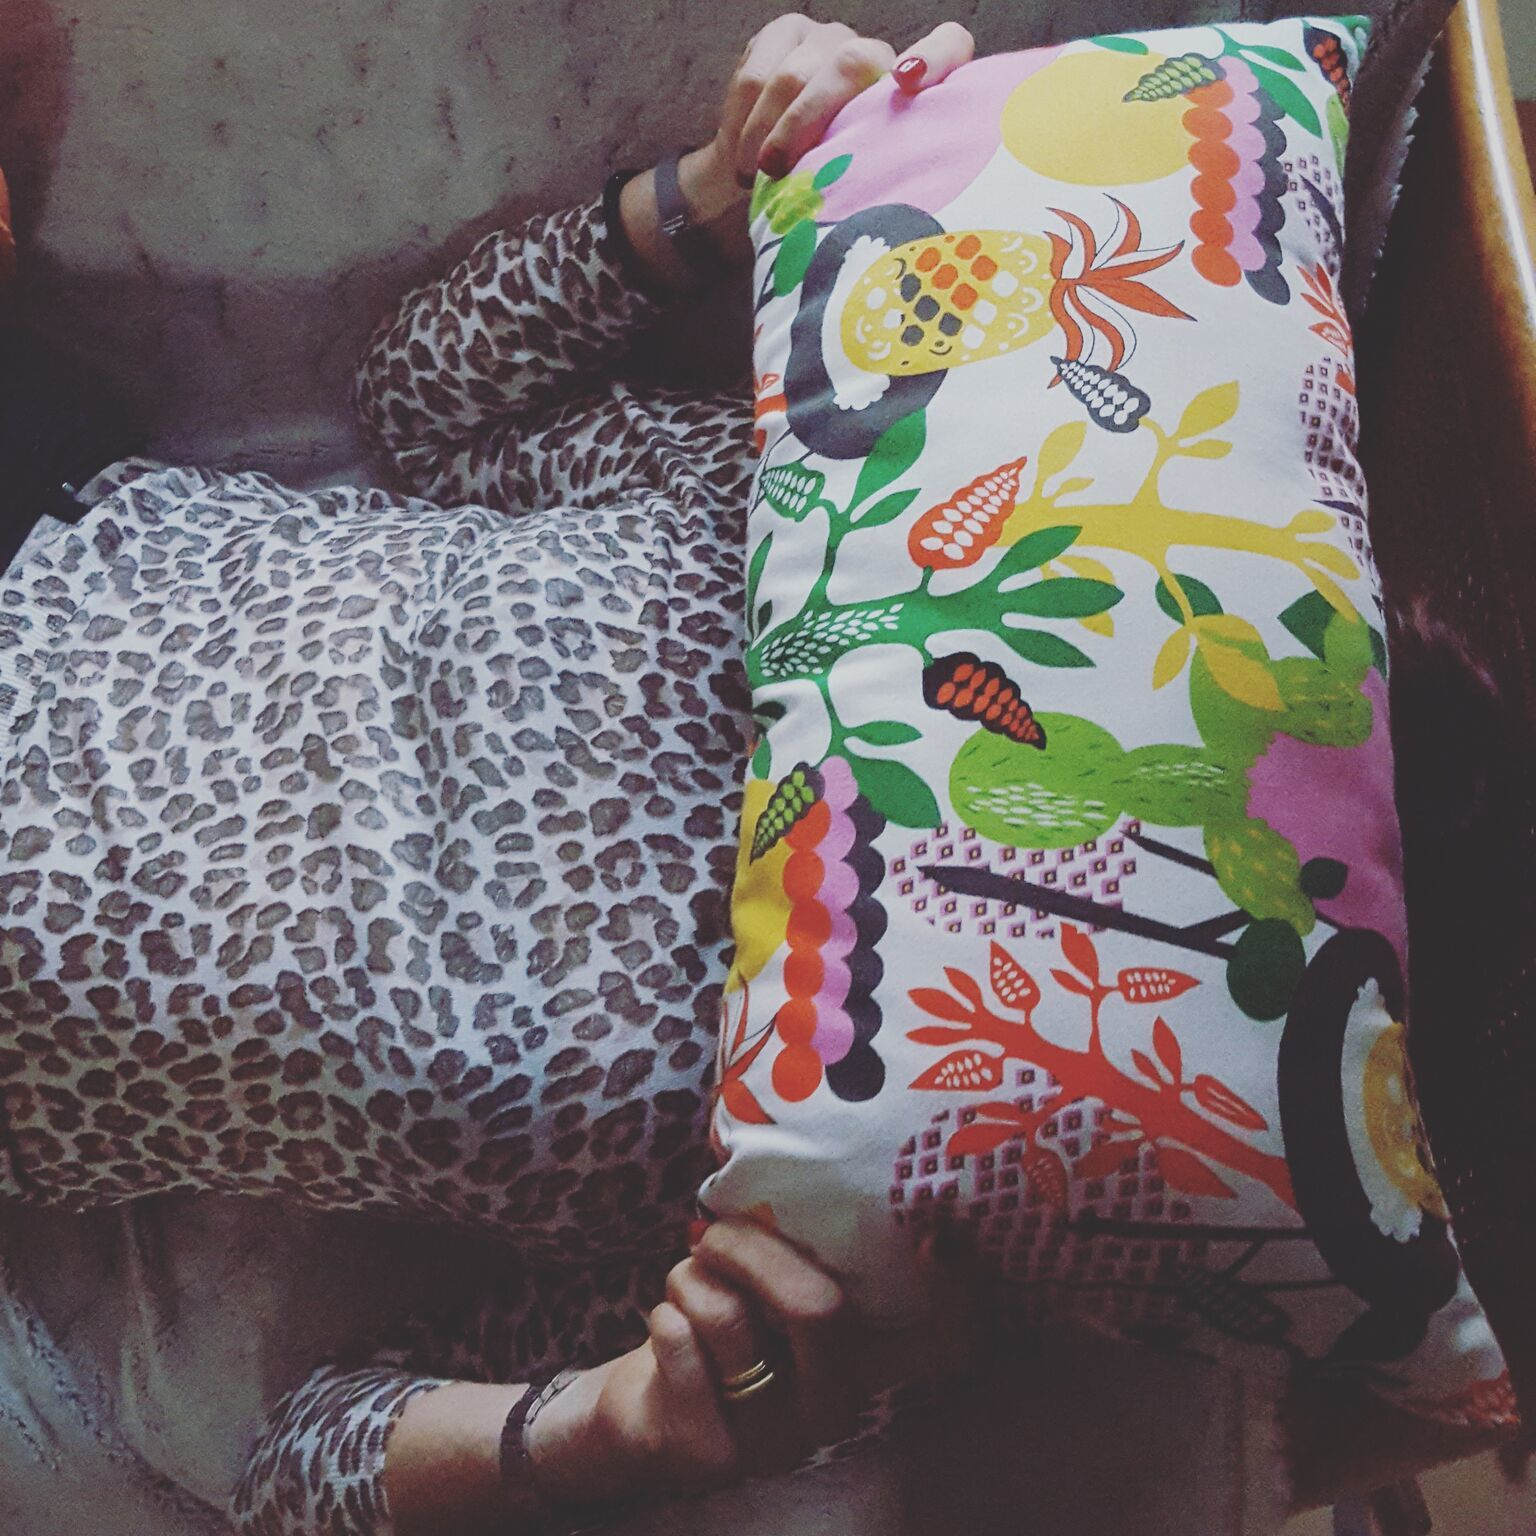 Comment ne pas rester 4h sur son canapé